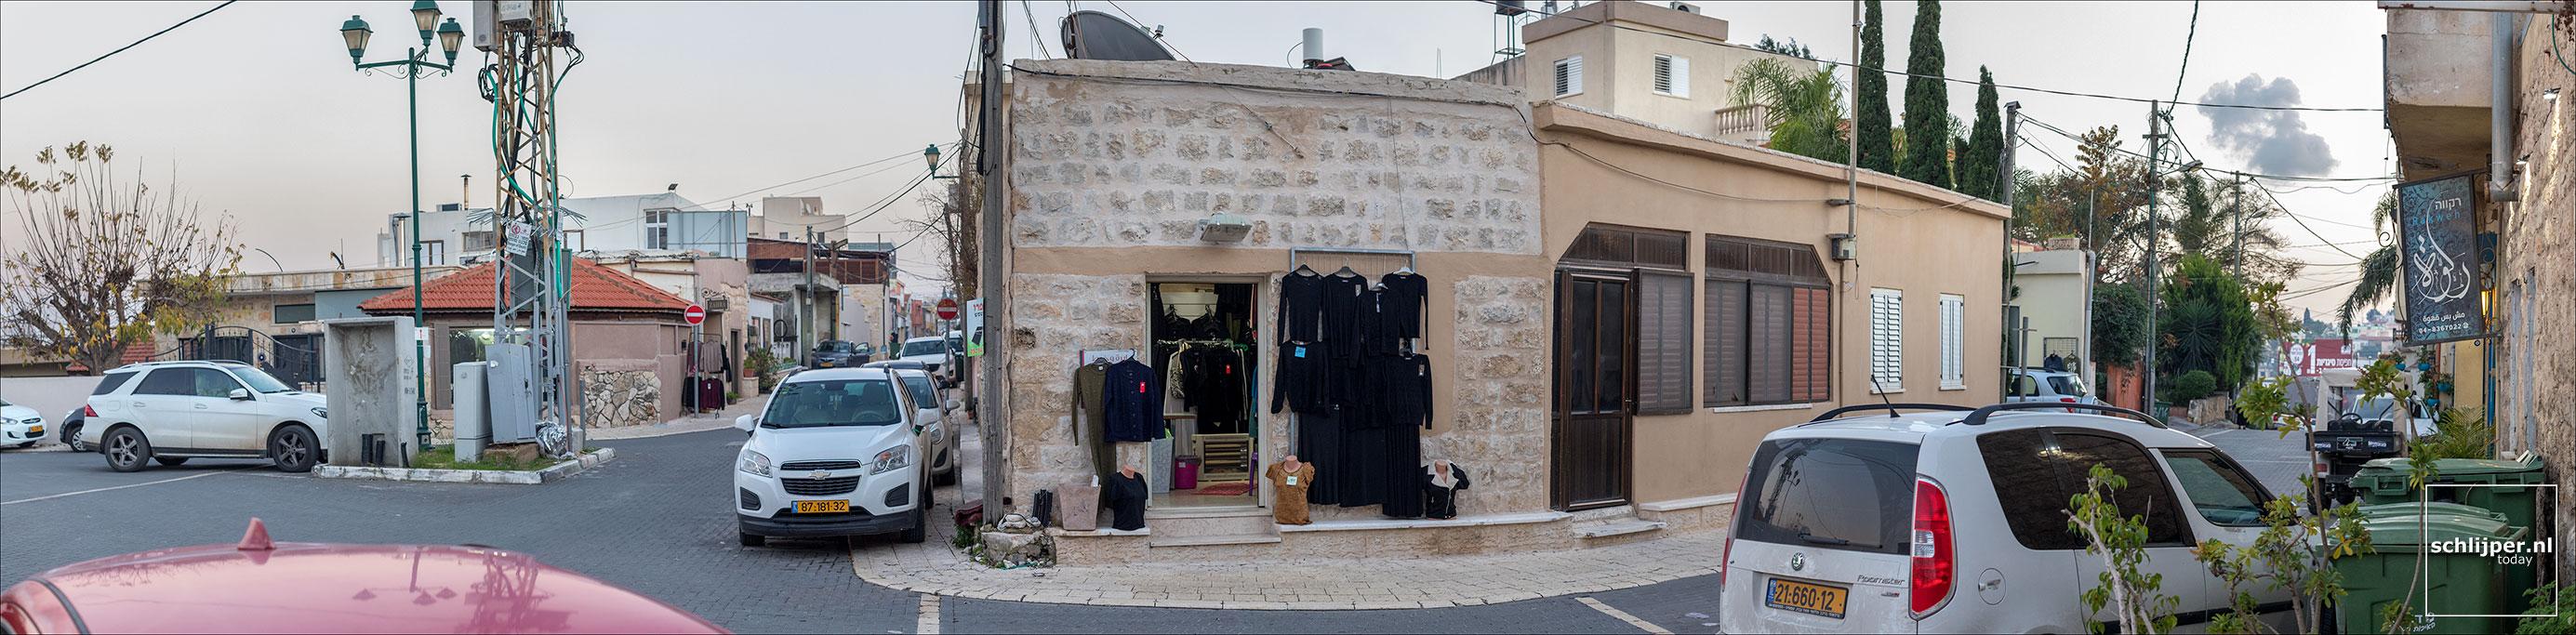 Israel, Daliyat al-Karmel, 1 januari 2019